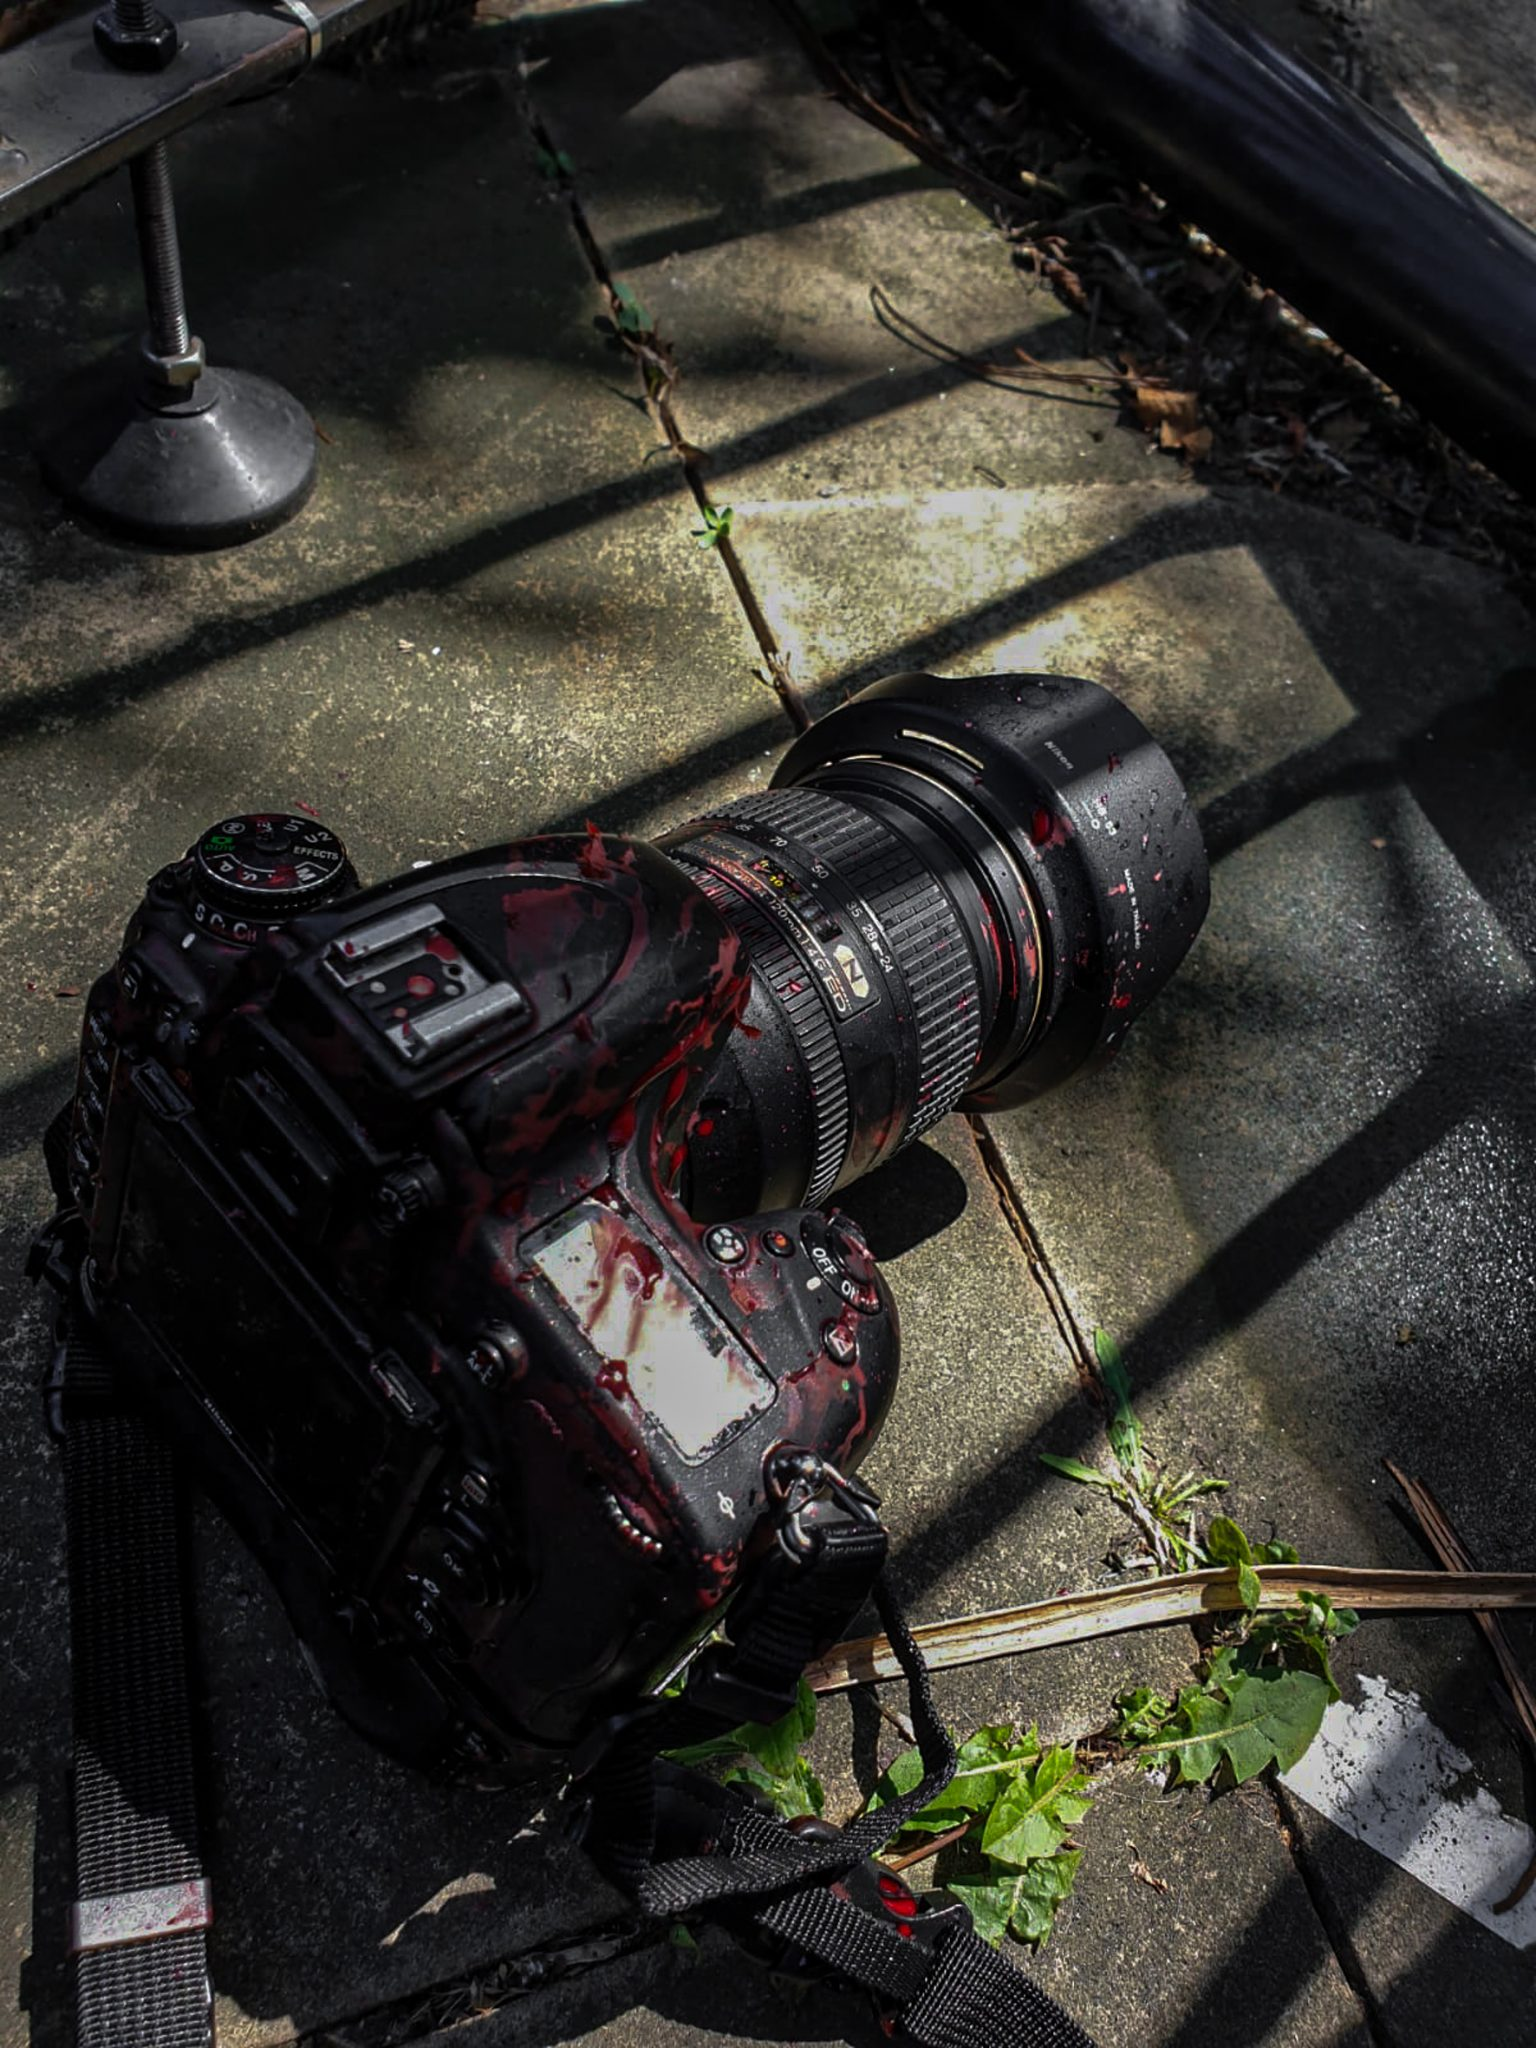 Dove osano i reporter: il fotogiornalismo sotto attacco